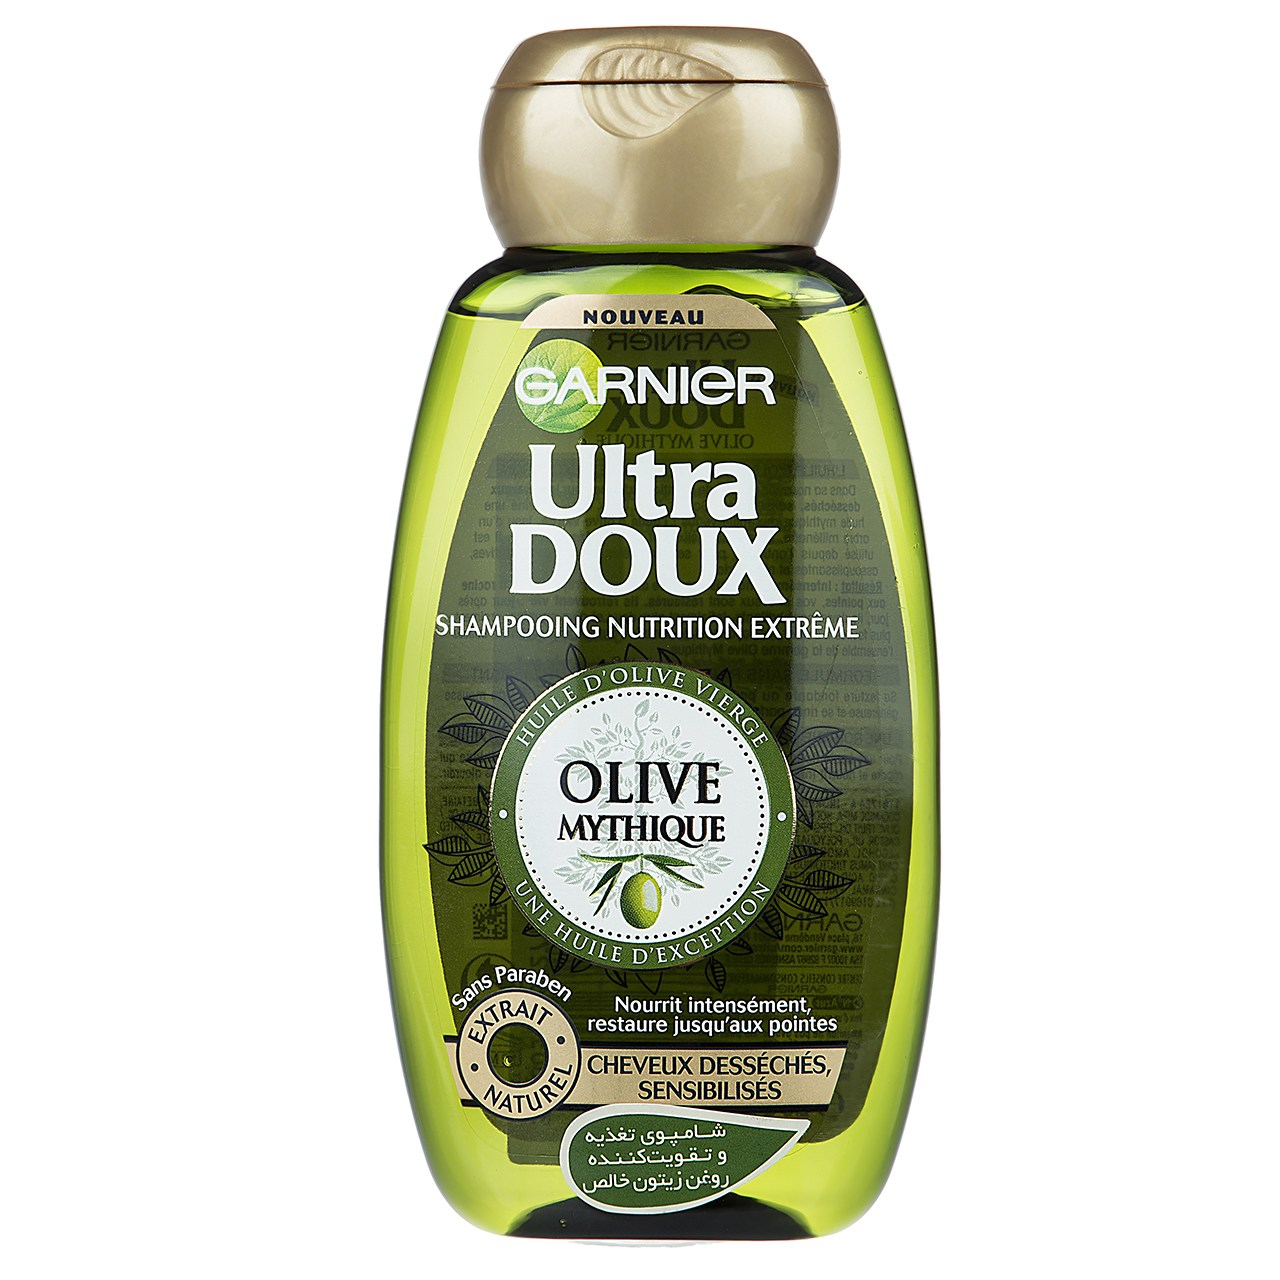 قیمت شامپو تقویت کننده و احیا کننده گارنیه سری Ultra Doux مدل Mythic Olive حجم 250 میلی لیتر